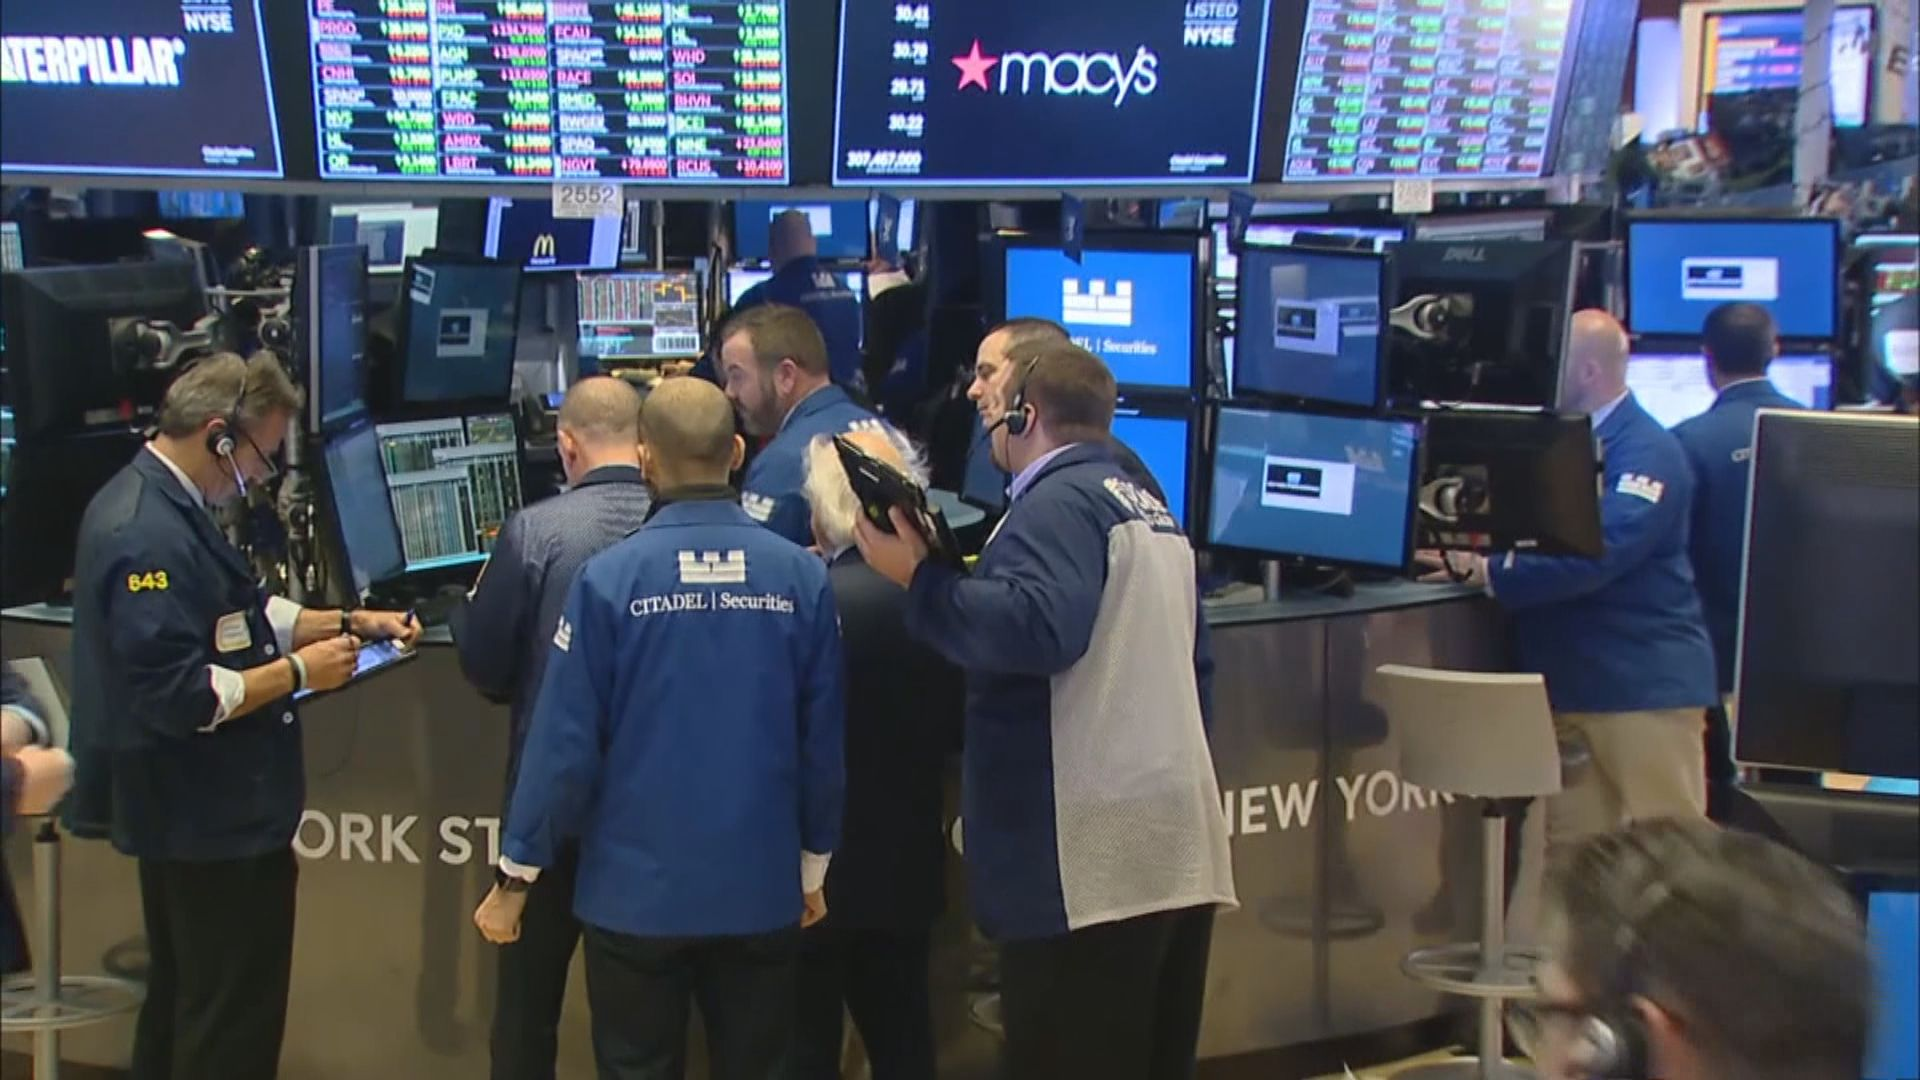 美股個別發展 中美貿易憂慮拖累道指3連跌